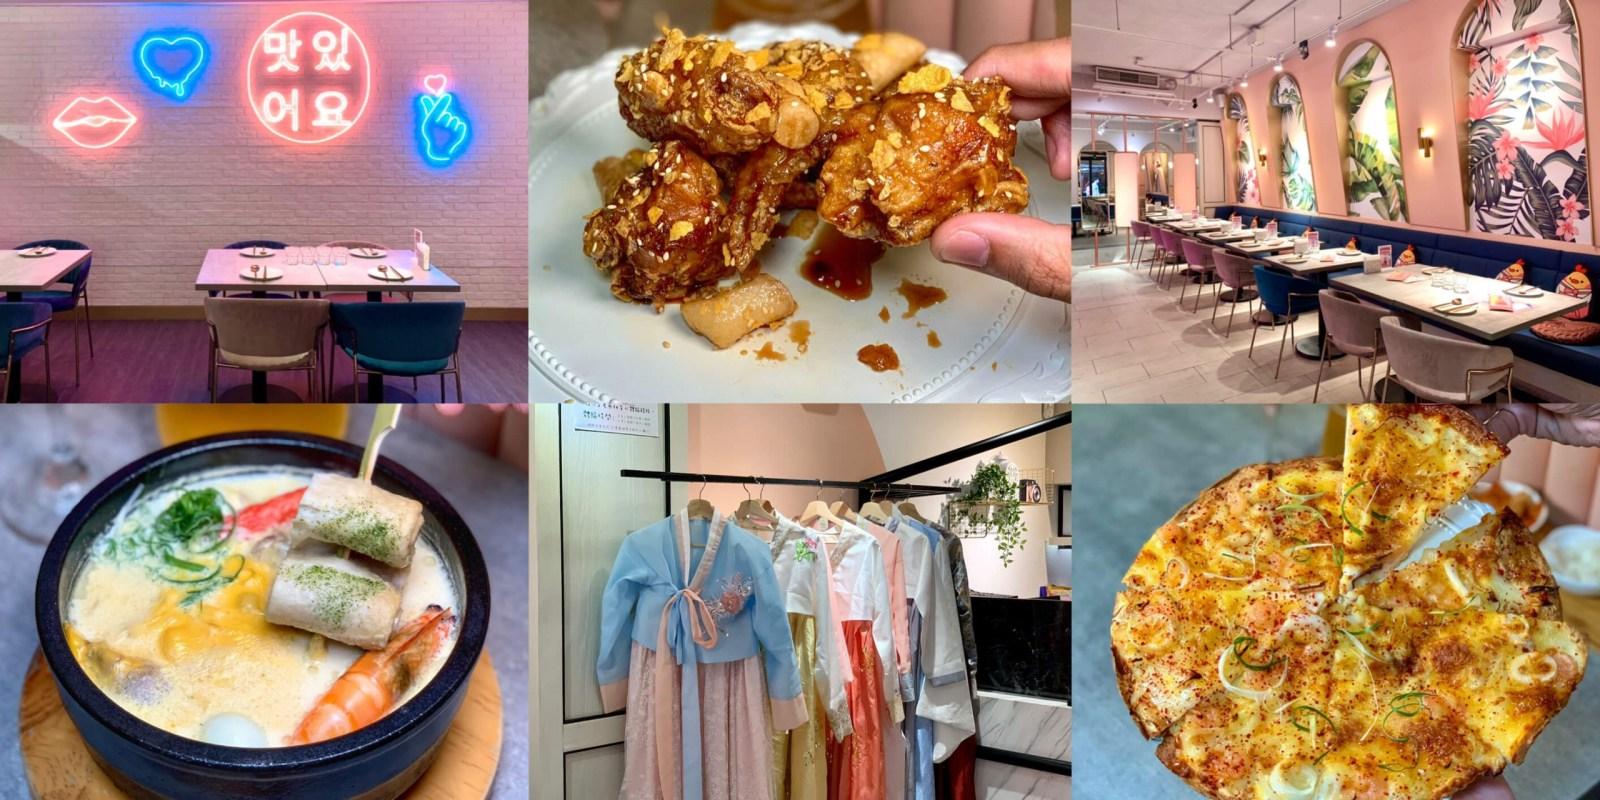 【台北美食】饗韓食尚韓食|Ma C So Yo 築夢韓食的新品牌,內用小菜免費續到飽,還可以免費體驗韓服!